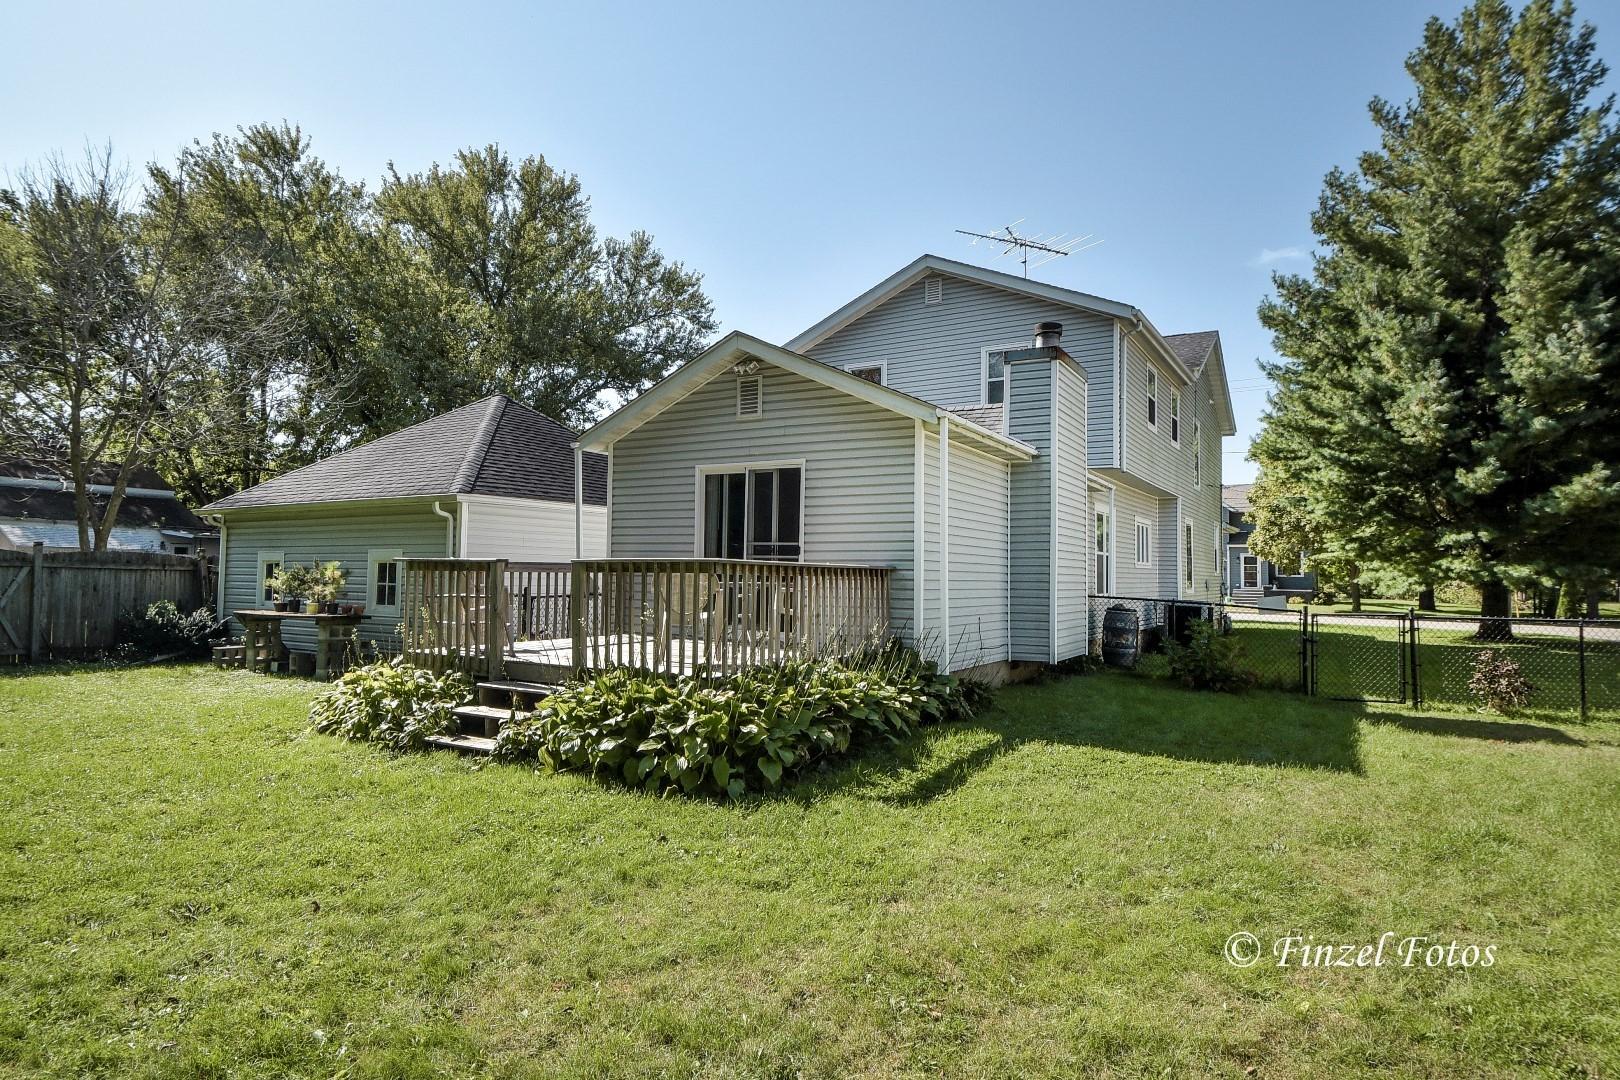 351 Elm, Marengo, Illinois, 60152